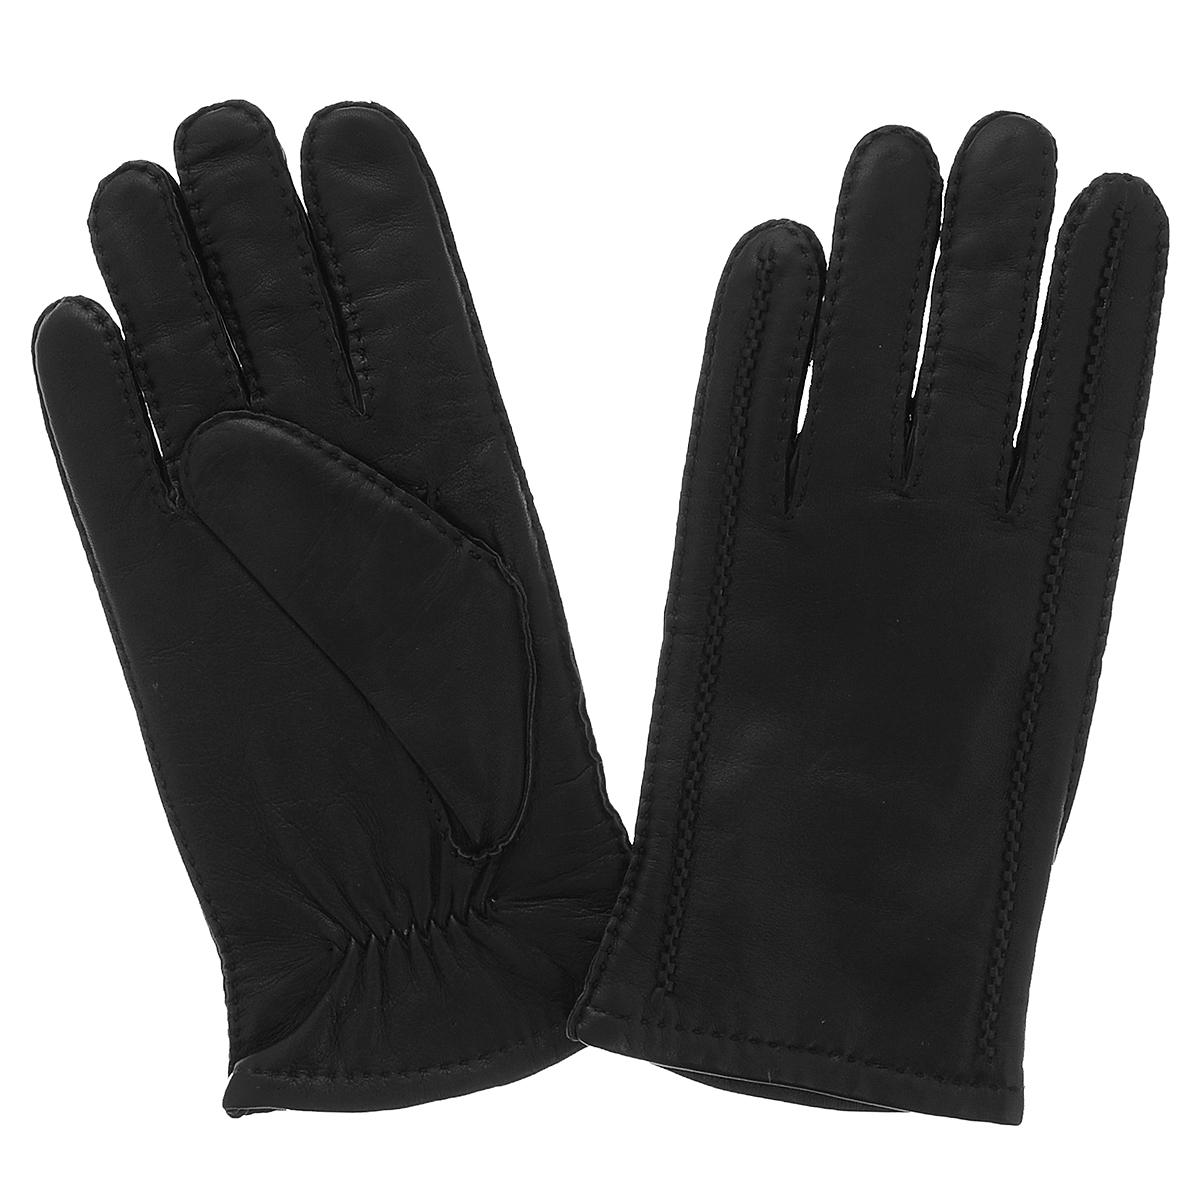 Перчатки мужские Dali Exclusive, цвет: черный. 100_METEOR/BL//11. Размер 8100_METEOR/BL//11Классические мужские перчатки Dali Exclusive не только защитят ваши руки, но и станут великолепным украшением. Перчатки выполнены из чрезвычайно мягкой и приятной на ощупь натуральной кожи ягненка, а их подкладка - из натуральной овечьей шерсти. Перчатки с внешней стороны оформлены декоративными швами и стежками.Модель благодаря своему лаконичному исполнению прекрасно дополнит образ любого мужчины и сделает его более стильным, придав тонкую нотку брутальности. Создайте элегантный образ и подчеркните свою яркую индивидуальность новым аксессуаром!